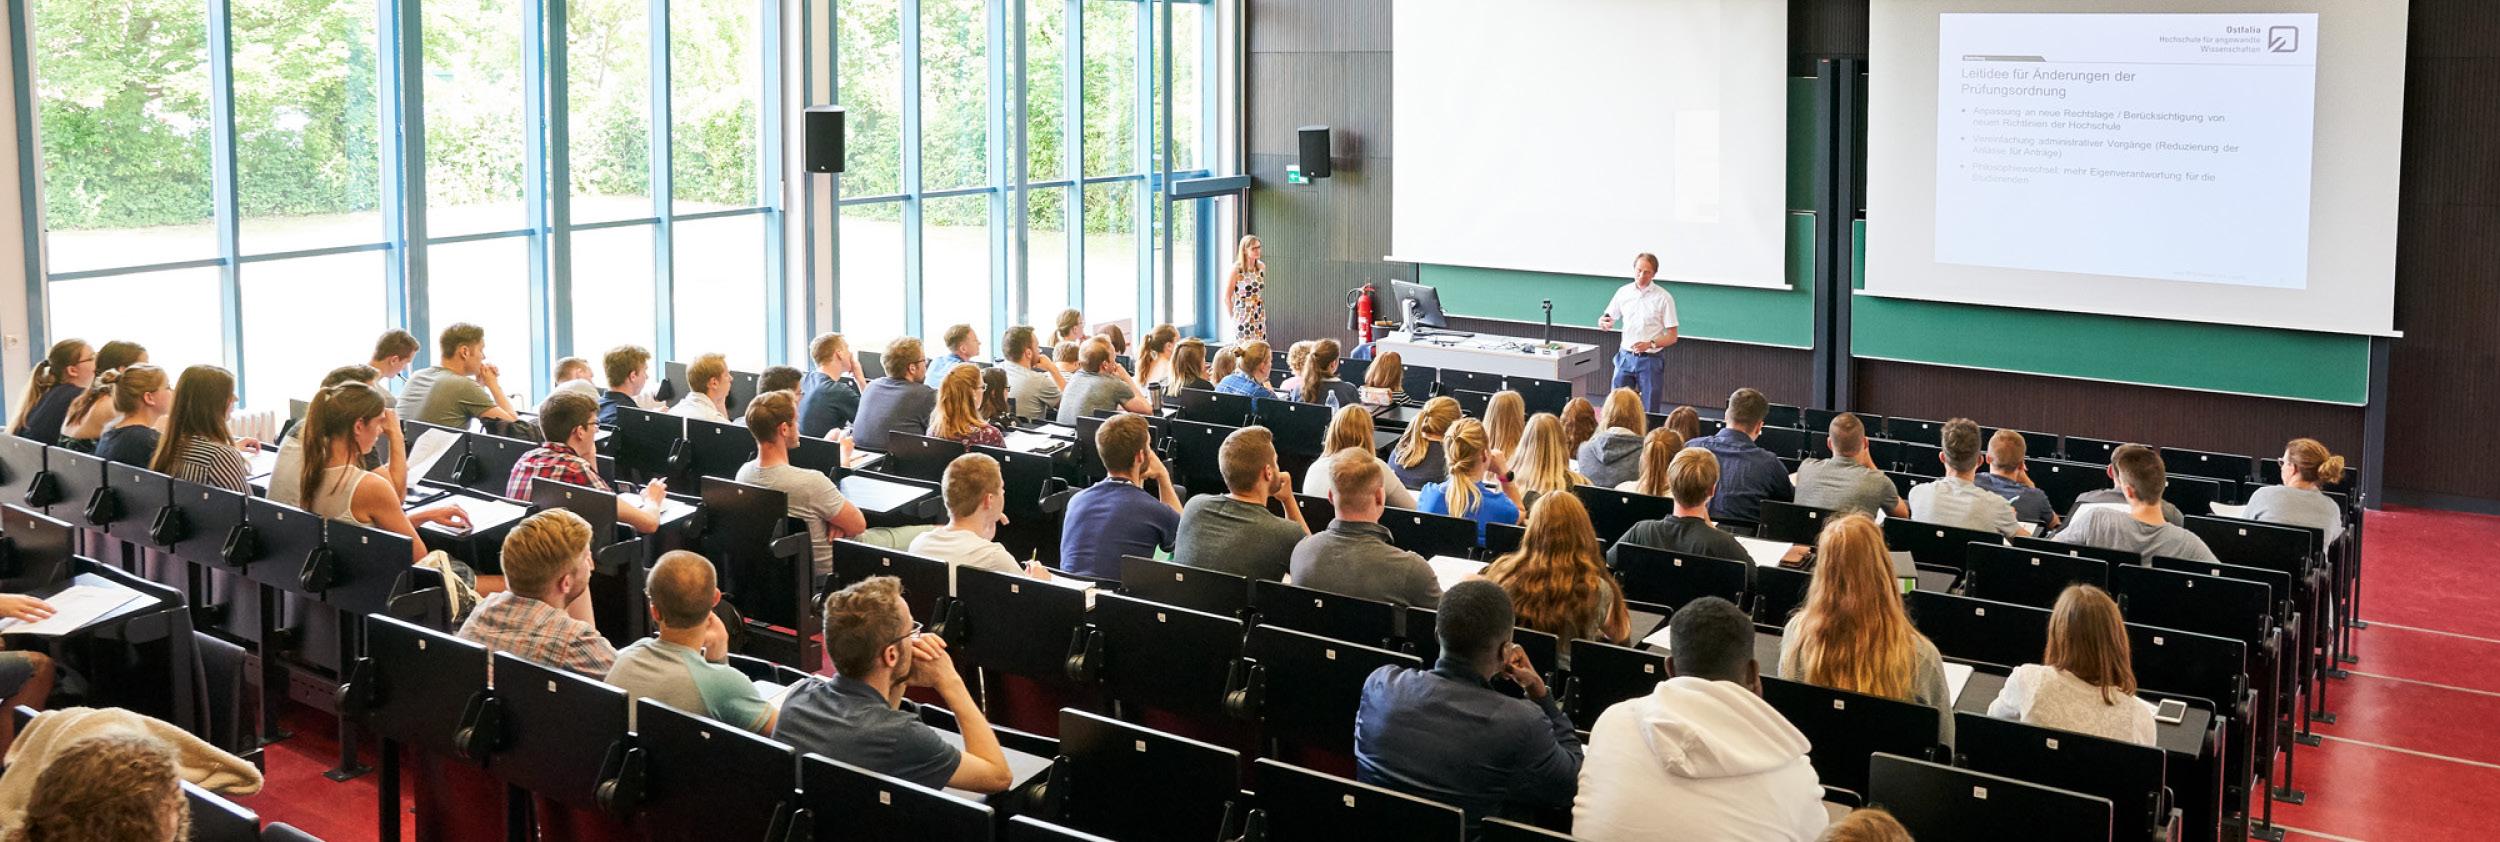 Ostfalia Hochschule für angewandte Wissenschaften Campus Suderburg